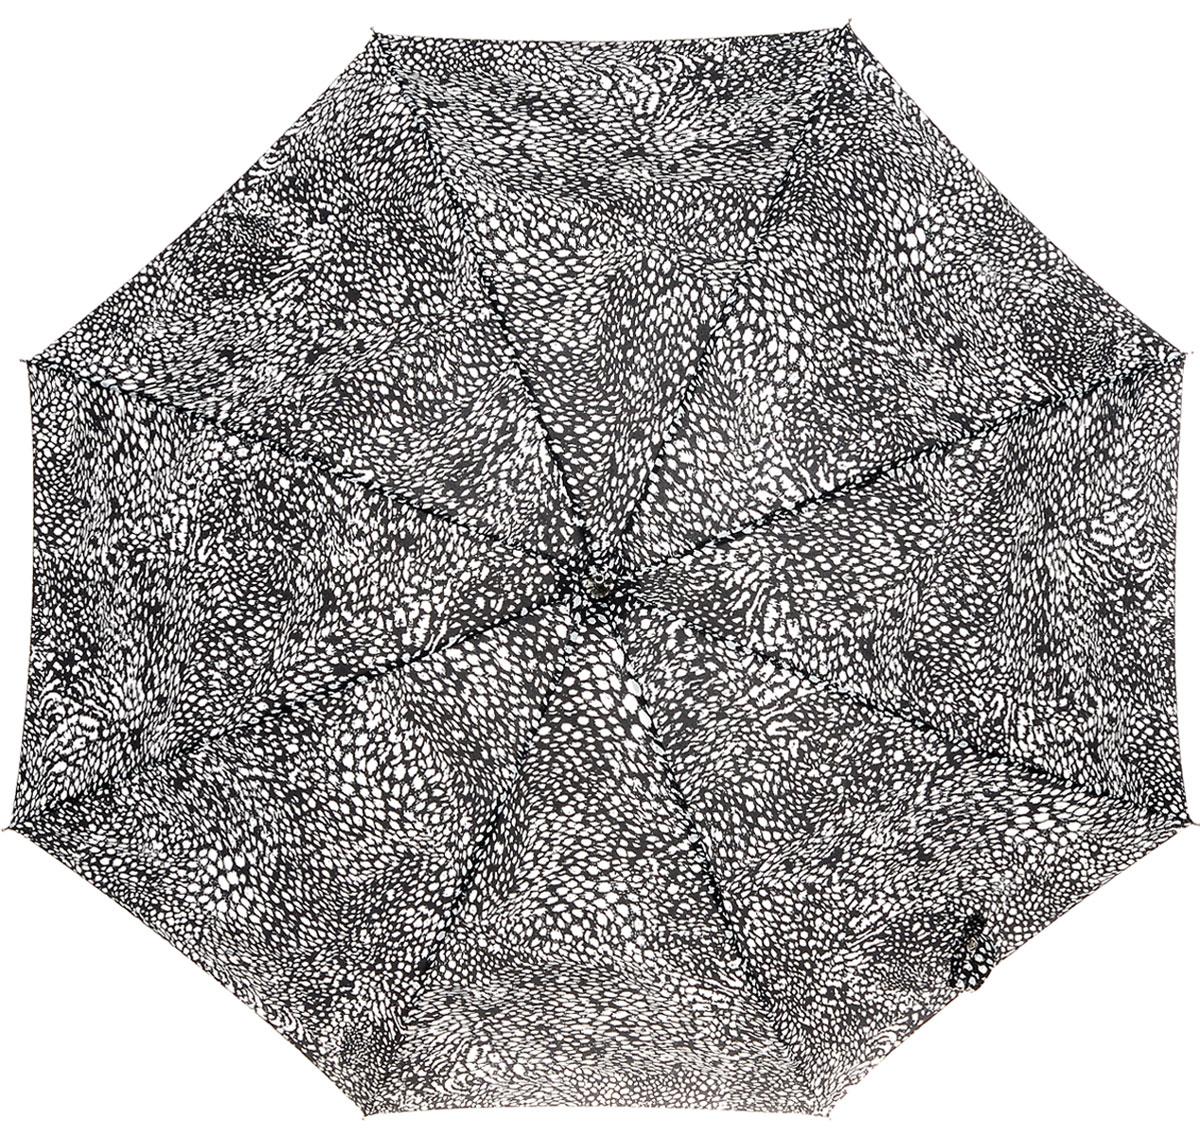 Зонт-трость женский Fulton Eliza, механический, цвет: черный, белый. L600-2632П250070003-9Модный механический зонт-трость Fulton Eliza даже в ненастную погоду позволит вам оставаться стильной и элегантной. Каркас зонта включает 8 спиц из фибергласса. Стержень изготовлен из стали. Купол зонта выполнен из прочного полиэстера и оформлен принтом в виде мелких пятнышек. Изделие дополнено удобной рукояткой из пластика.Зонт механического сложения: купол открывается и закрывается вручную до характерного щелчка. Модель застегивается с помощью хлястика на кнопку.Такой зонт не только надежно защитит вас от дождя, но и станет стильным аксессуаром, который идеально подчеркнет ваш неповторимый образ.